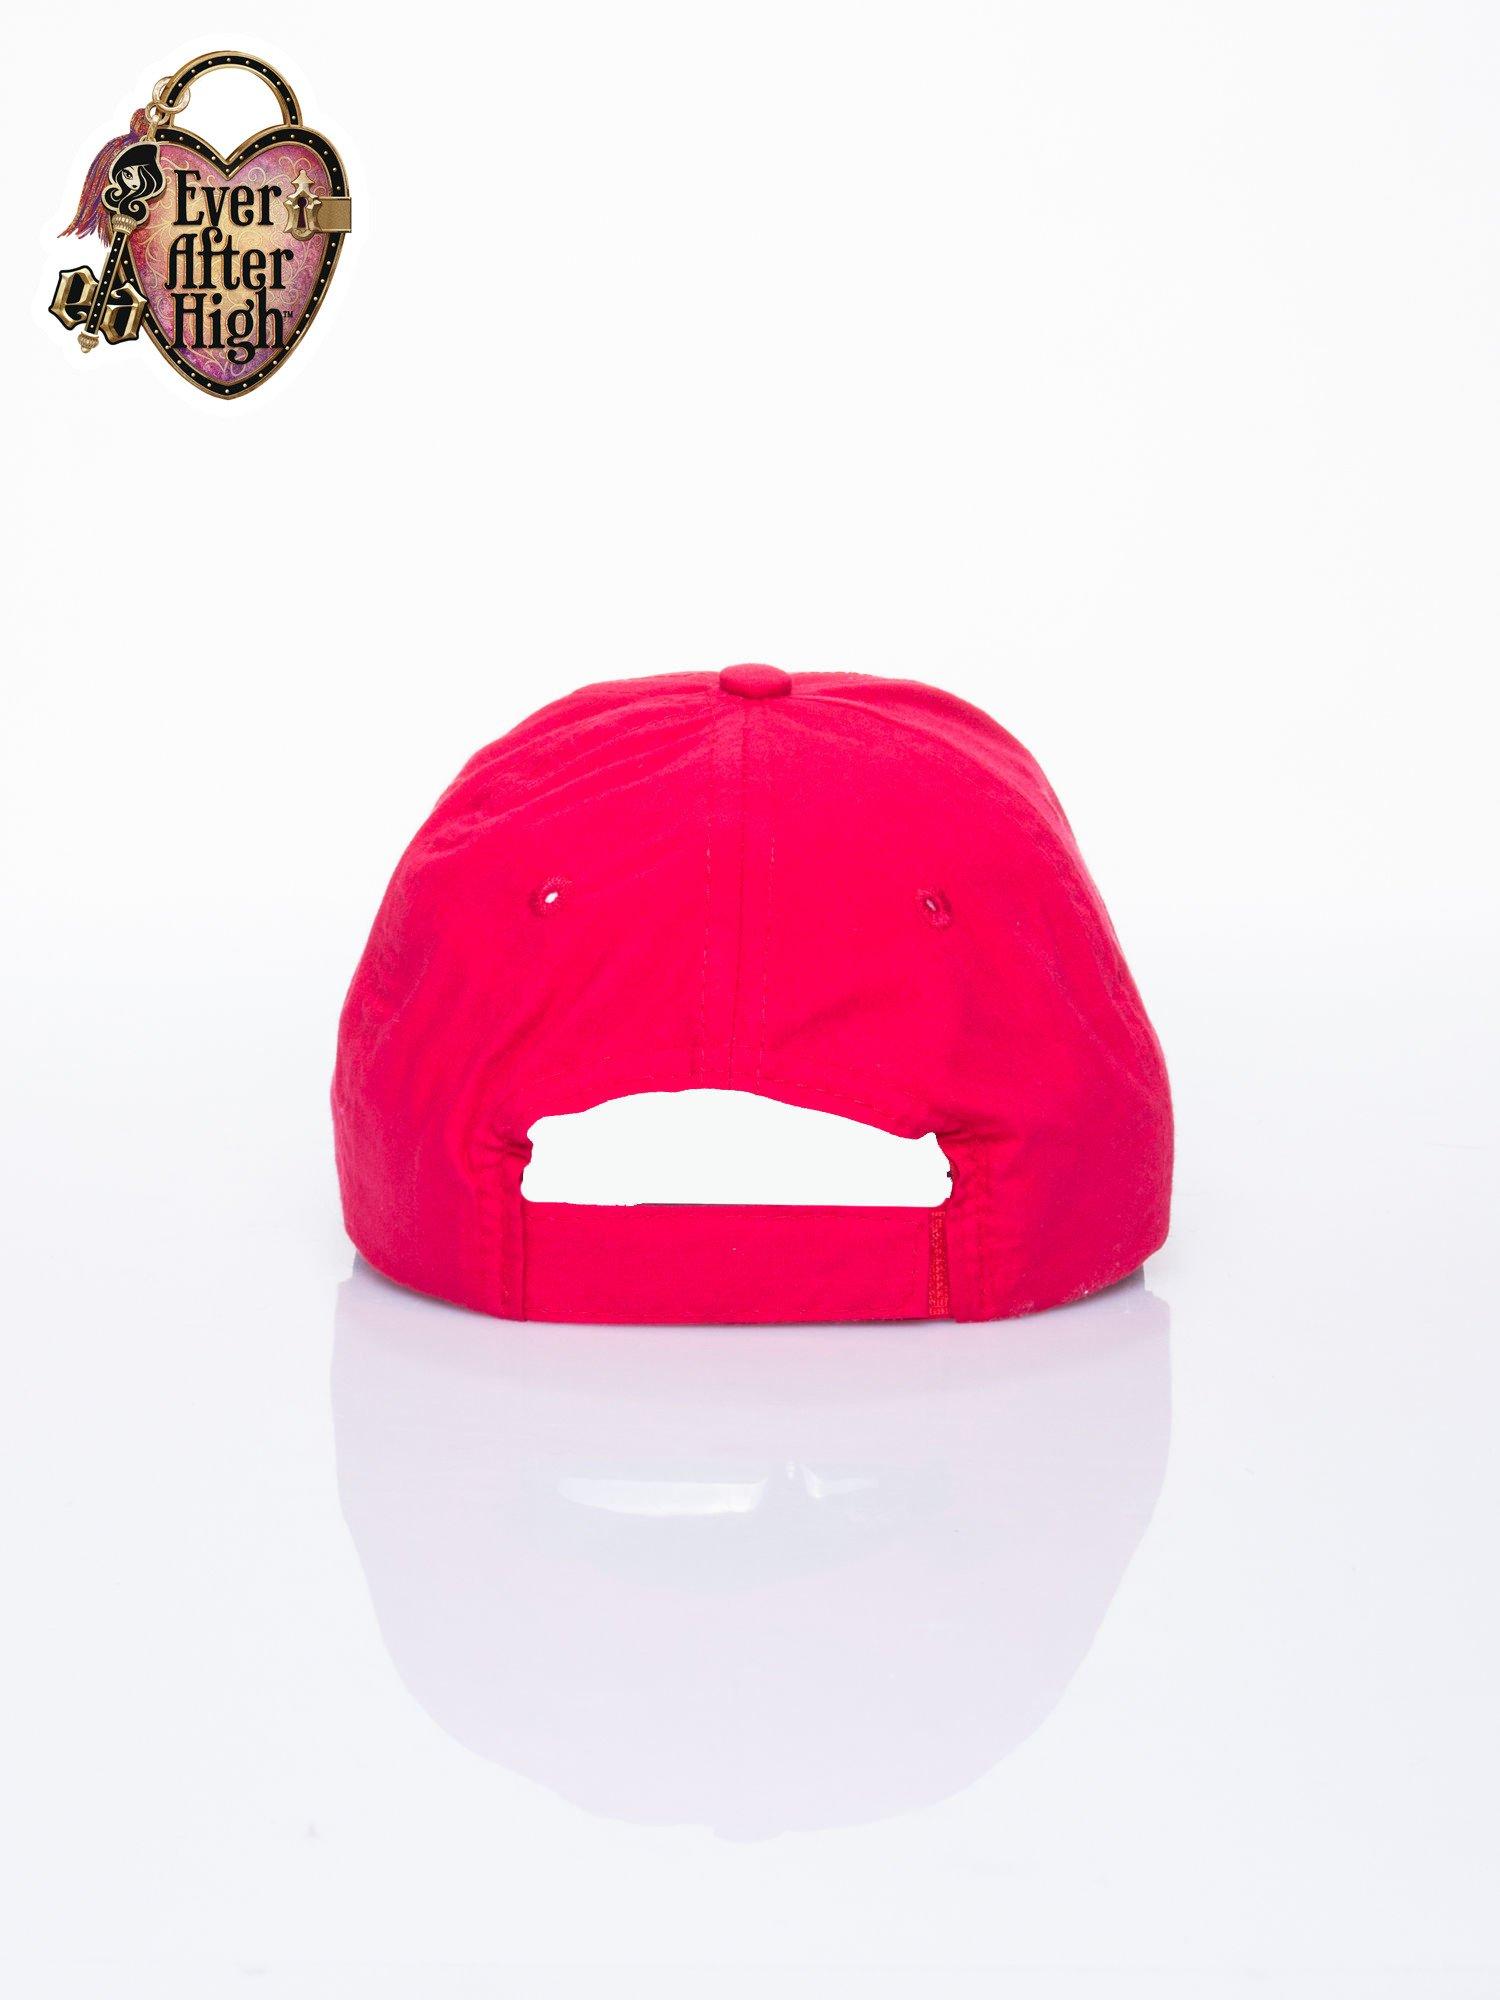 Czerwona czapka z daszkiem dla dziewczynki EVER AFTER HIGH                                  zdj.                                  3